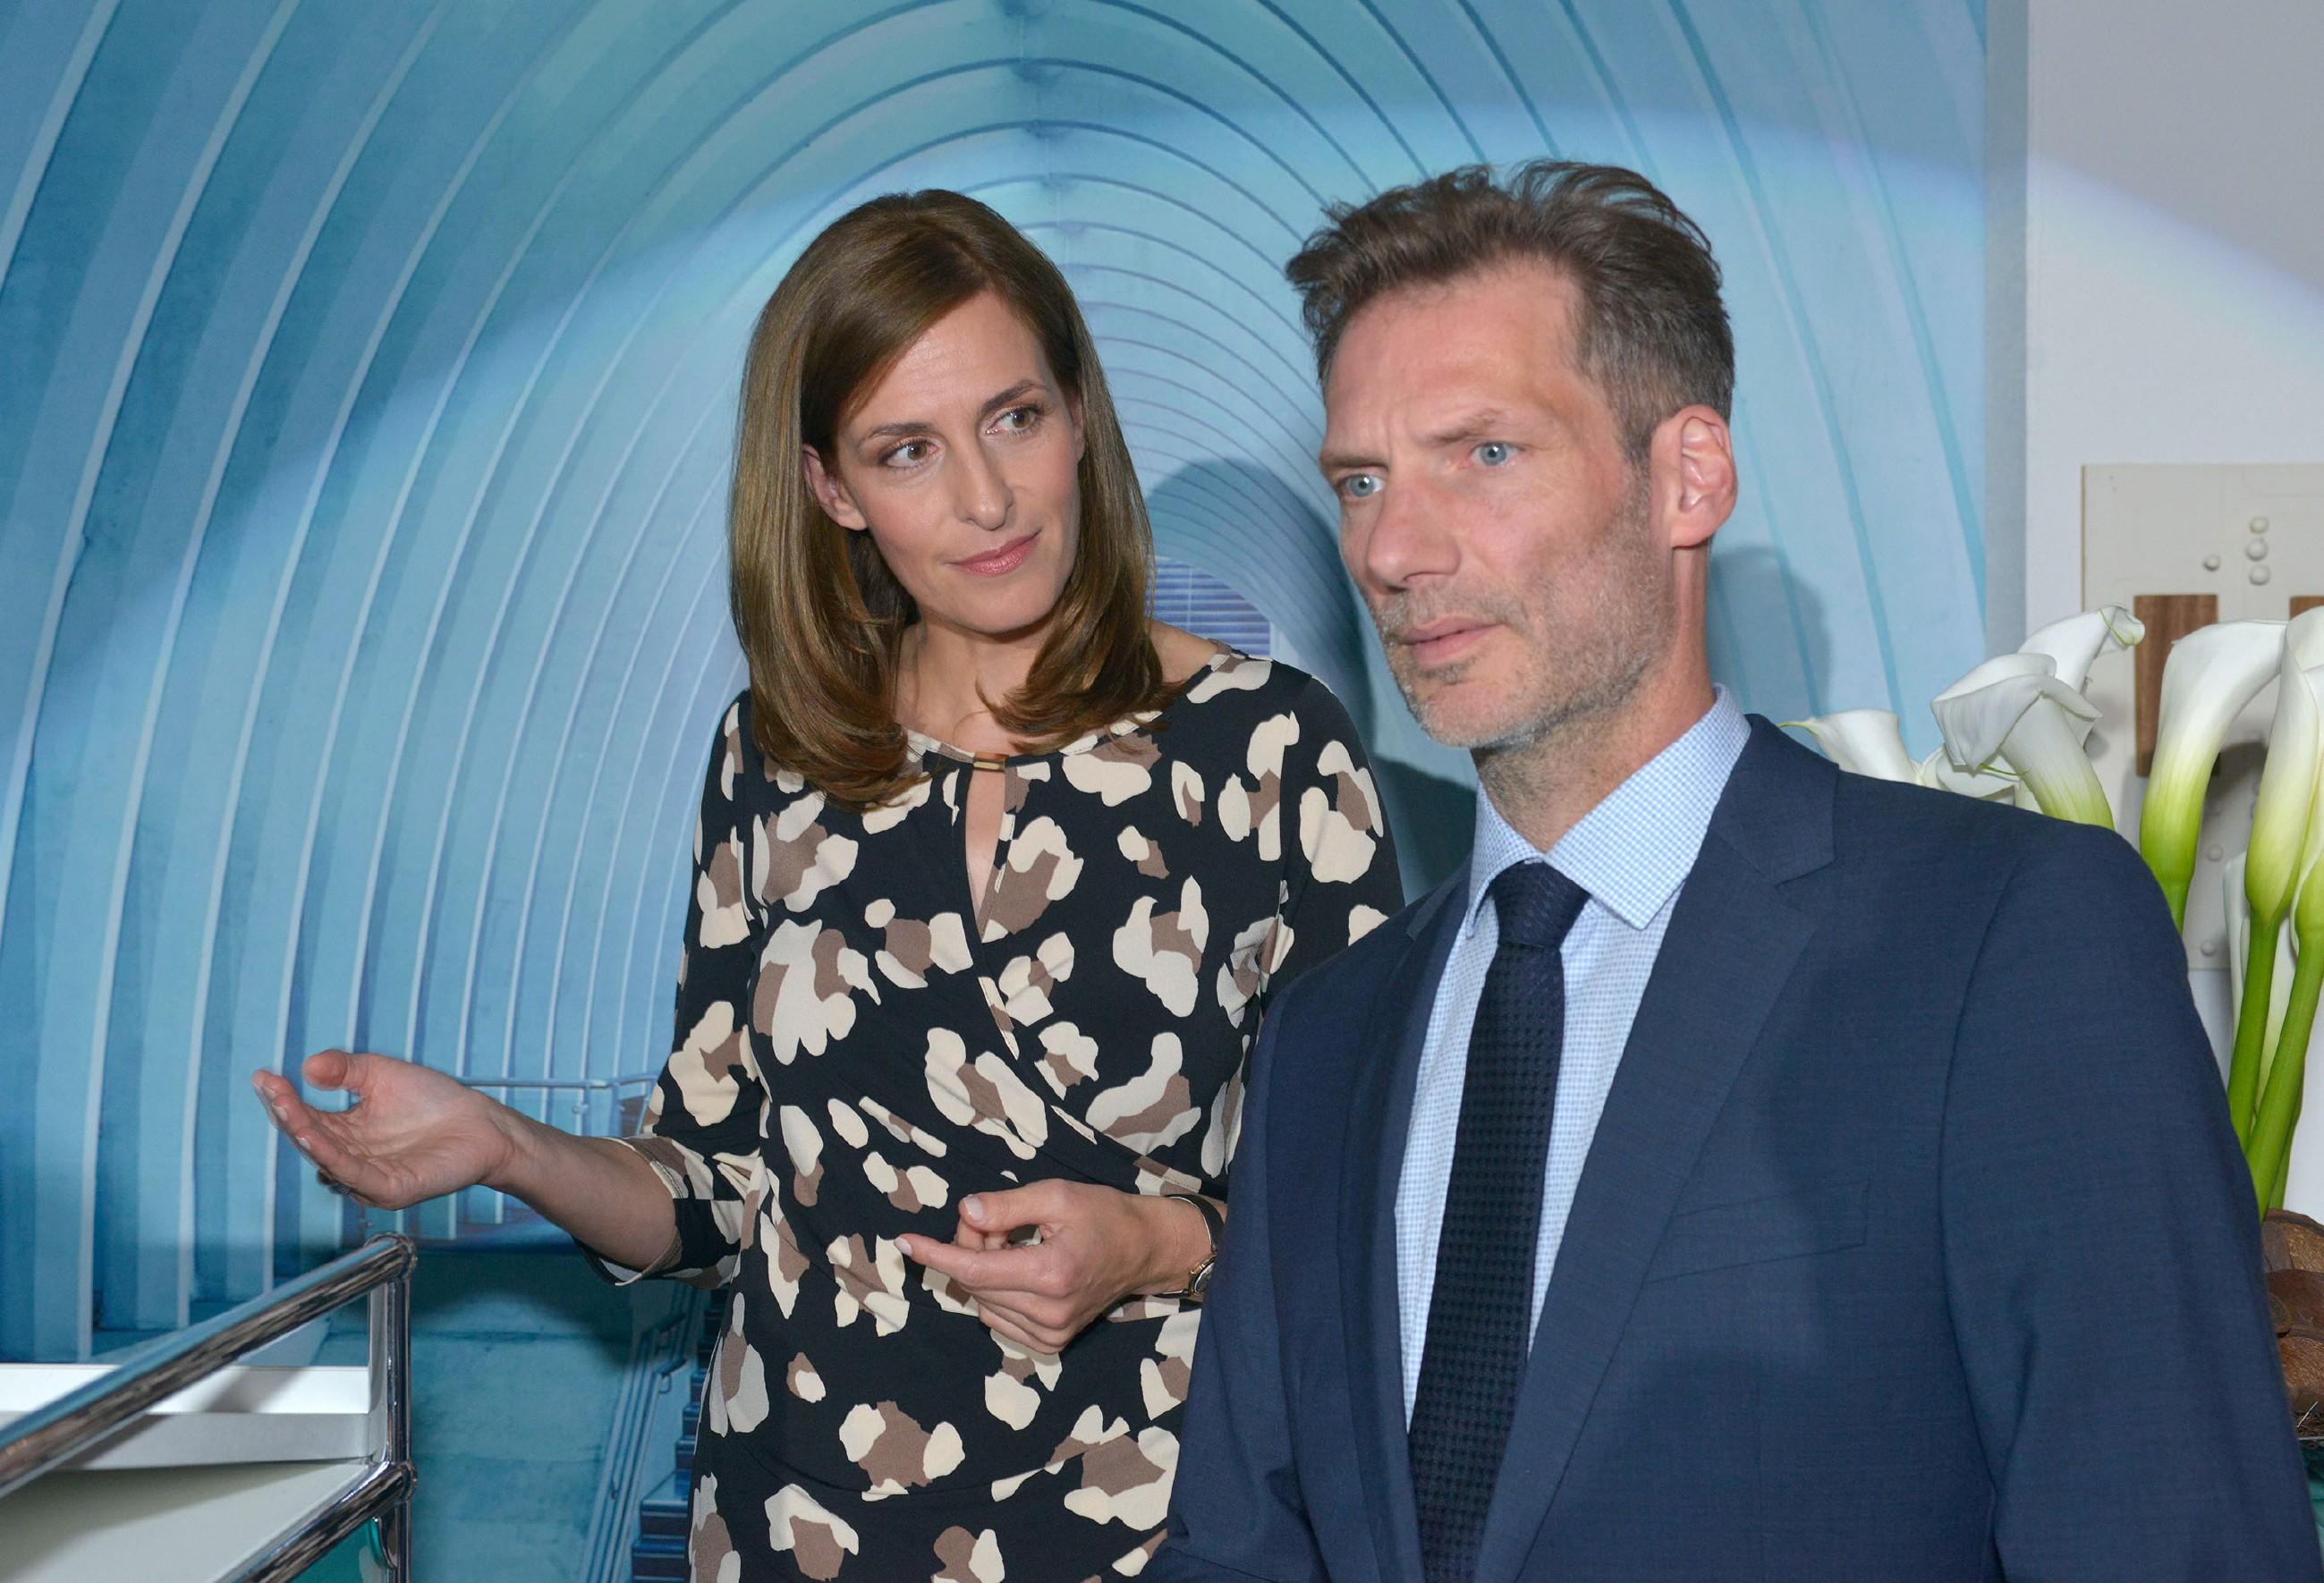 Als die Eröffnungsfeier von KFI International beginnt, bittet Katrin (Ulrike Frank) Alexander (Clemens Löhr) nochmals eindringlich, sie nicht im Stich zu lassen. (Quelle: RTL / Rolf Baumgartner)